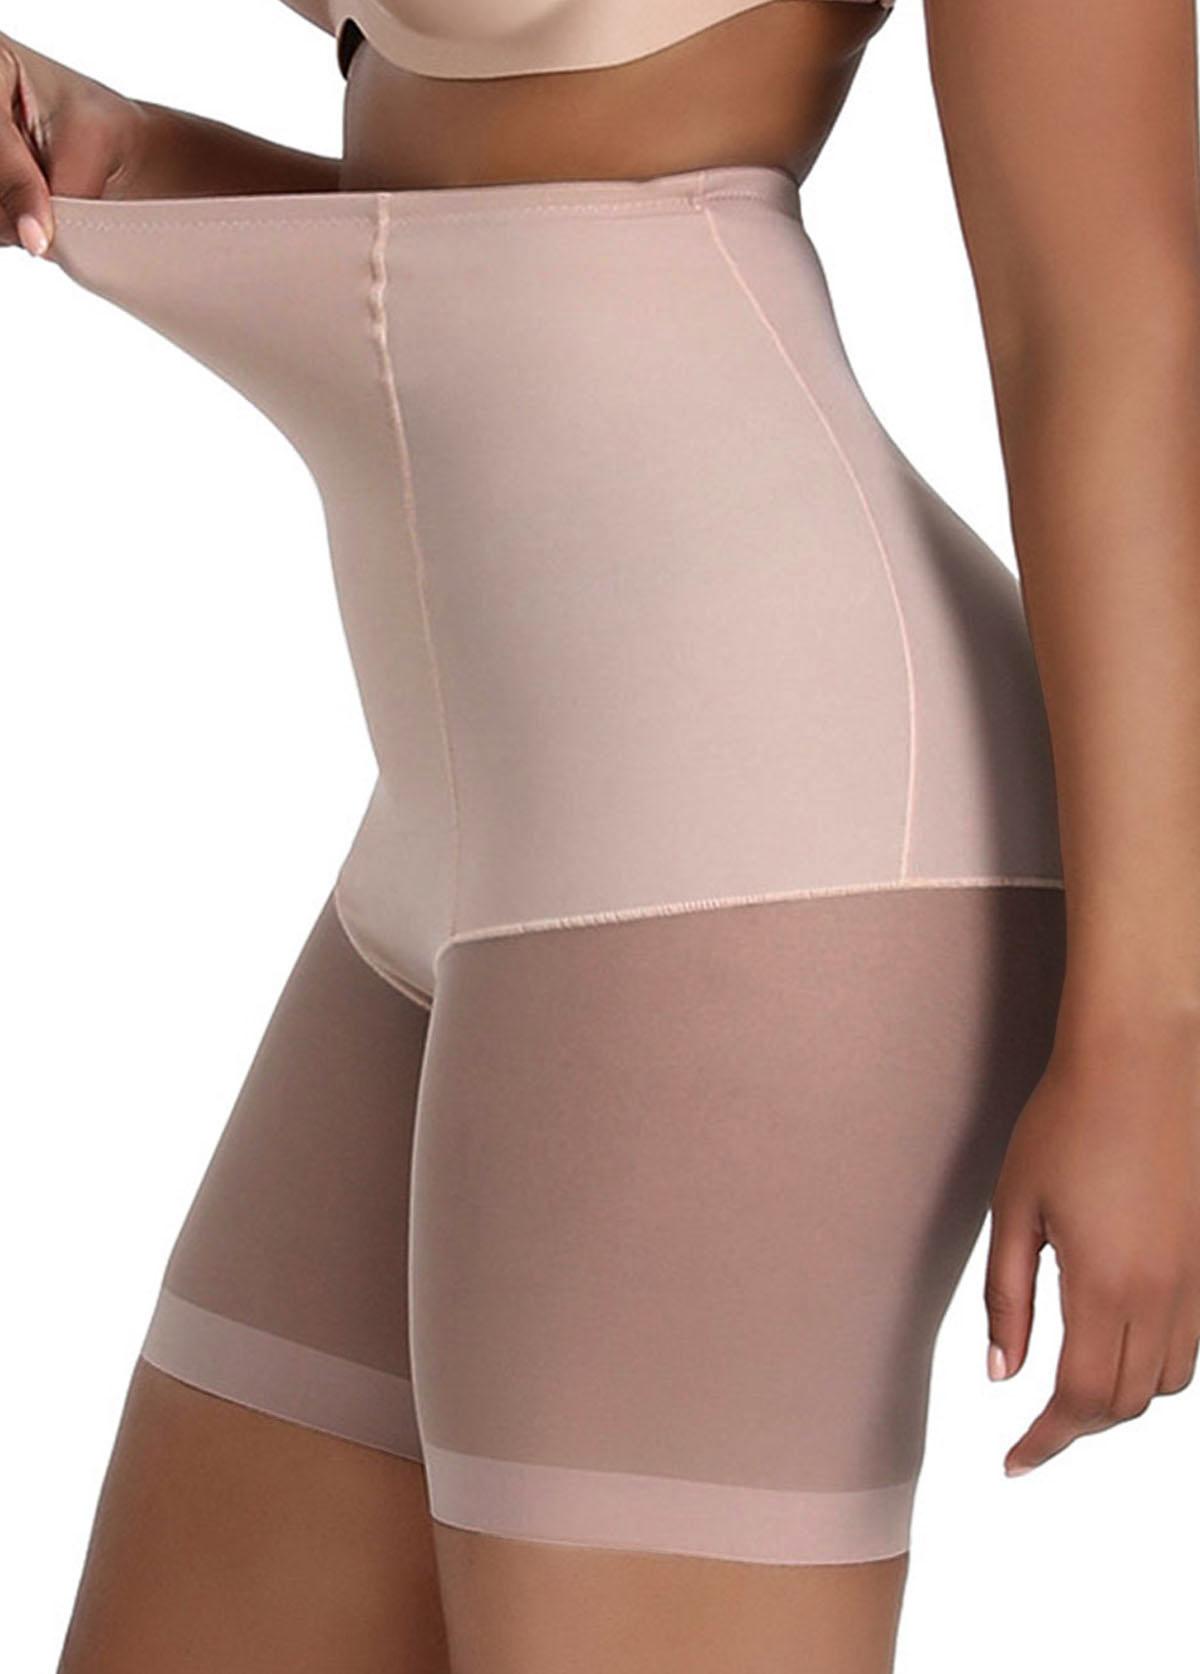 Light Khaki Size High Waisted Panties